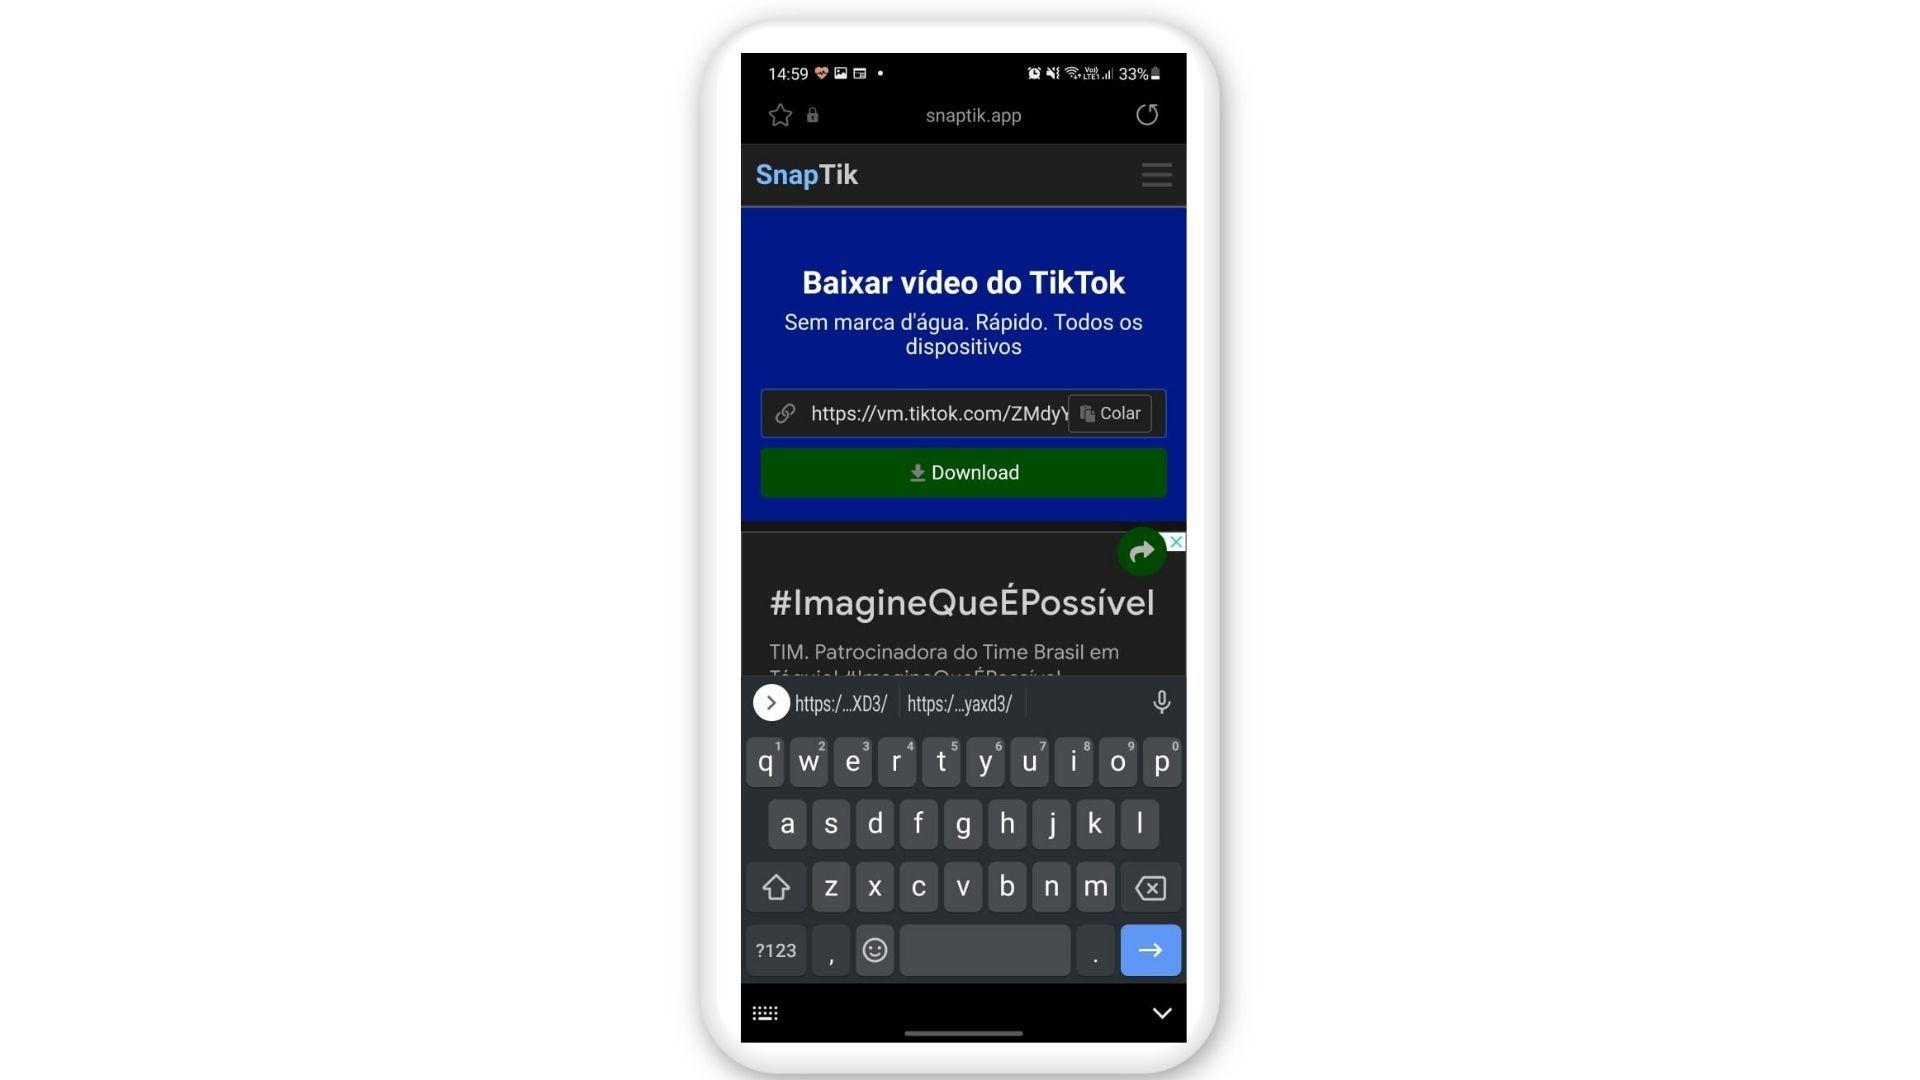 Baixar vídeo do TikTok: Cole o link e clique em download (Foto: Reprodução/SnapTik)